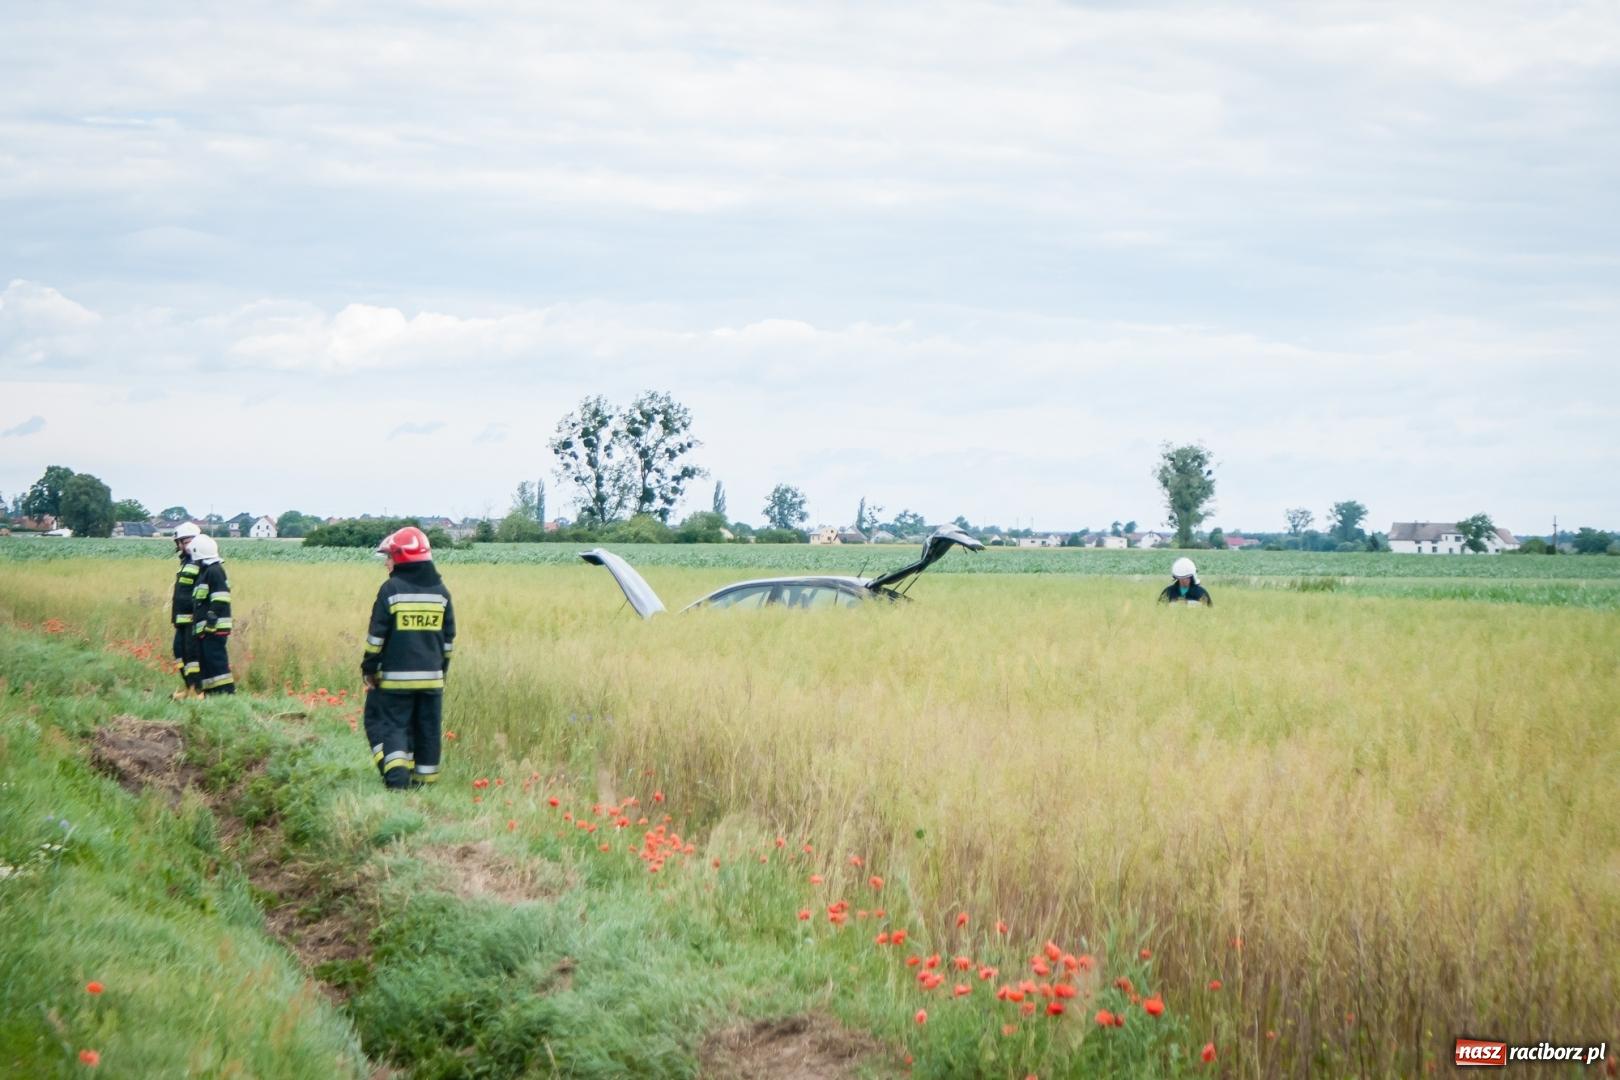 Zdjęcie w galerii na portalu naszraciborz.pl: Dachowanie na trasie Racibórz - Zawada Książęca. Jedna osoba w szpitalu wiadomości z regionu